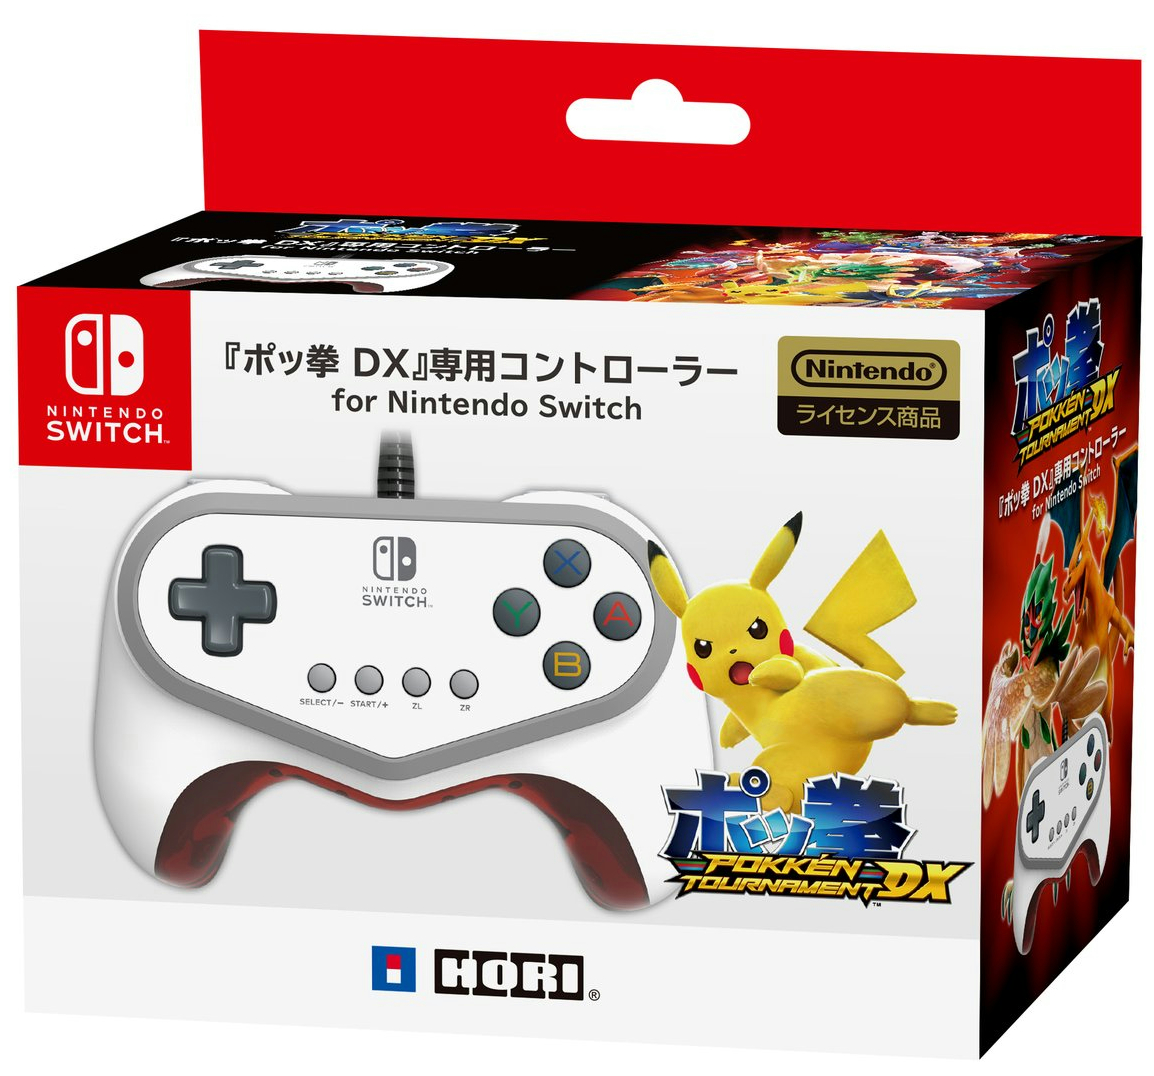 HORIから『ポッ拳 DX 専用コントローラー for Nintendo Switch』が発売決定!